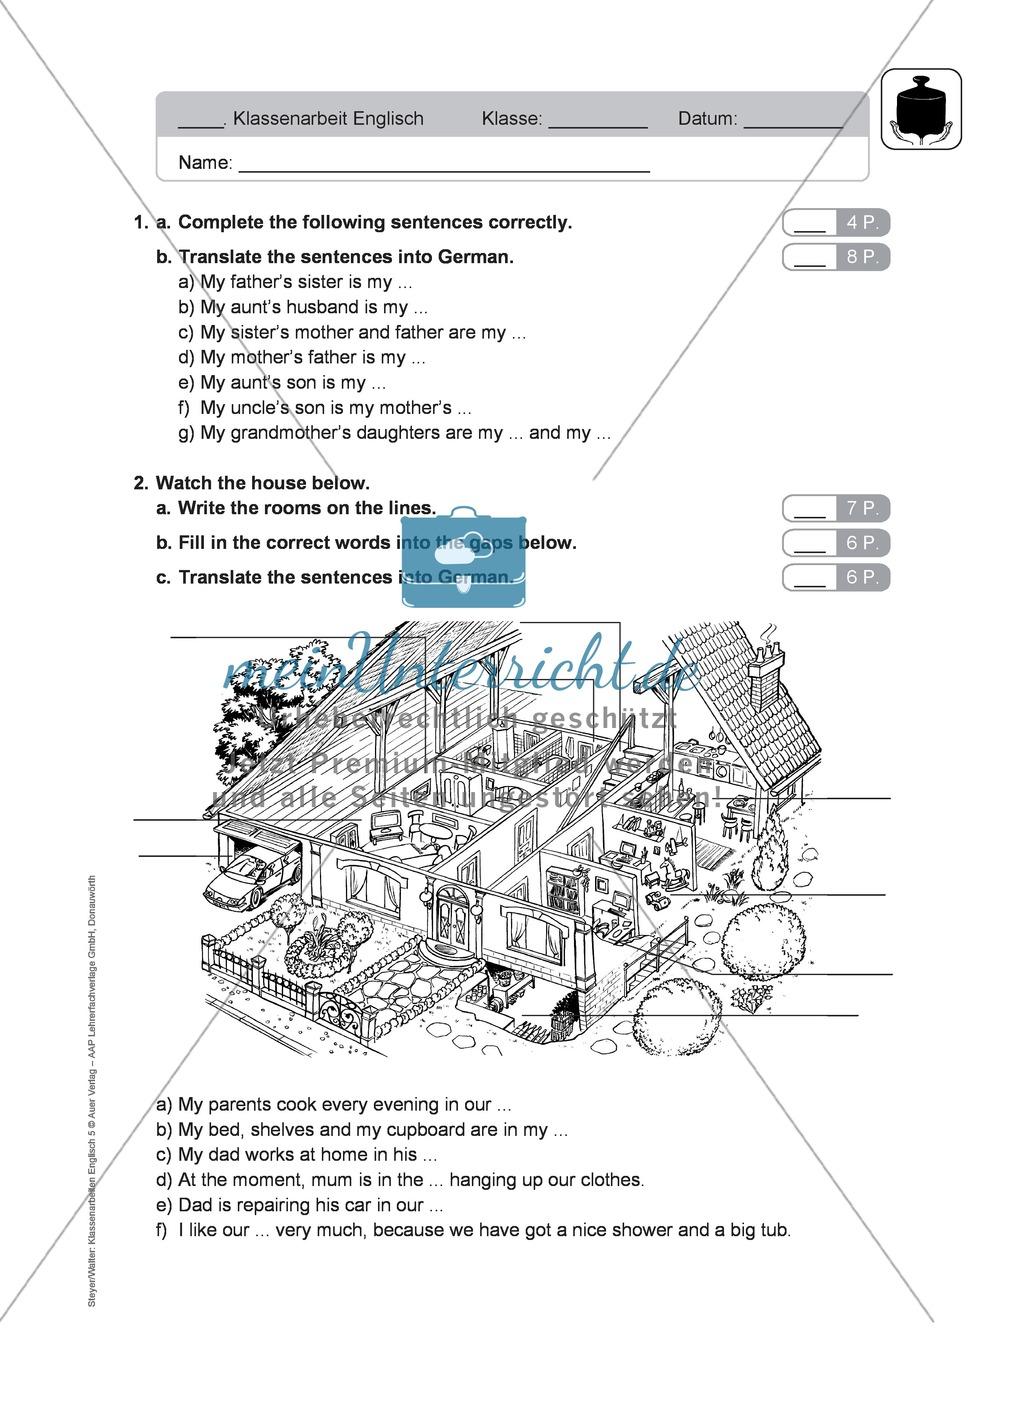 Klassenarbeit At home - schwer (1) - mit Lösungen Preview 0